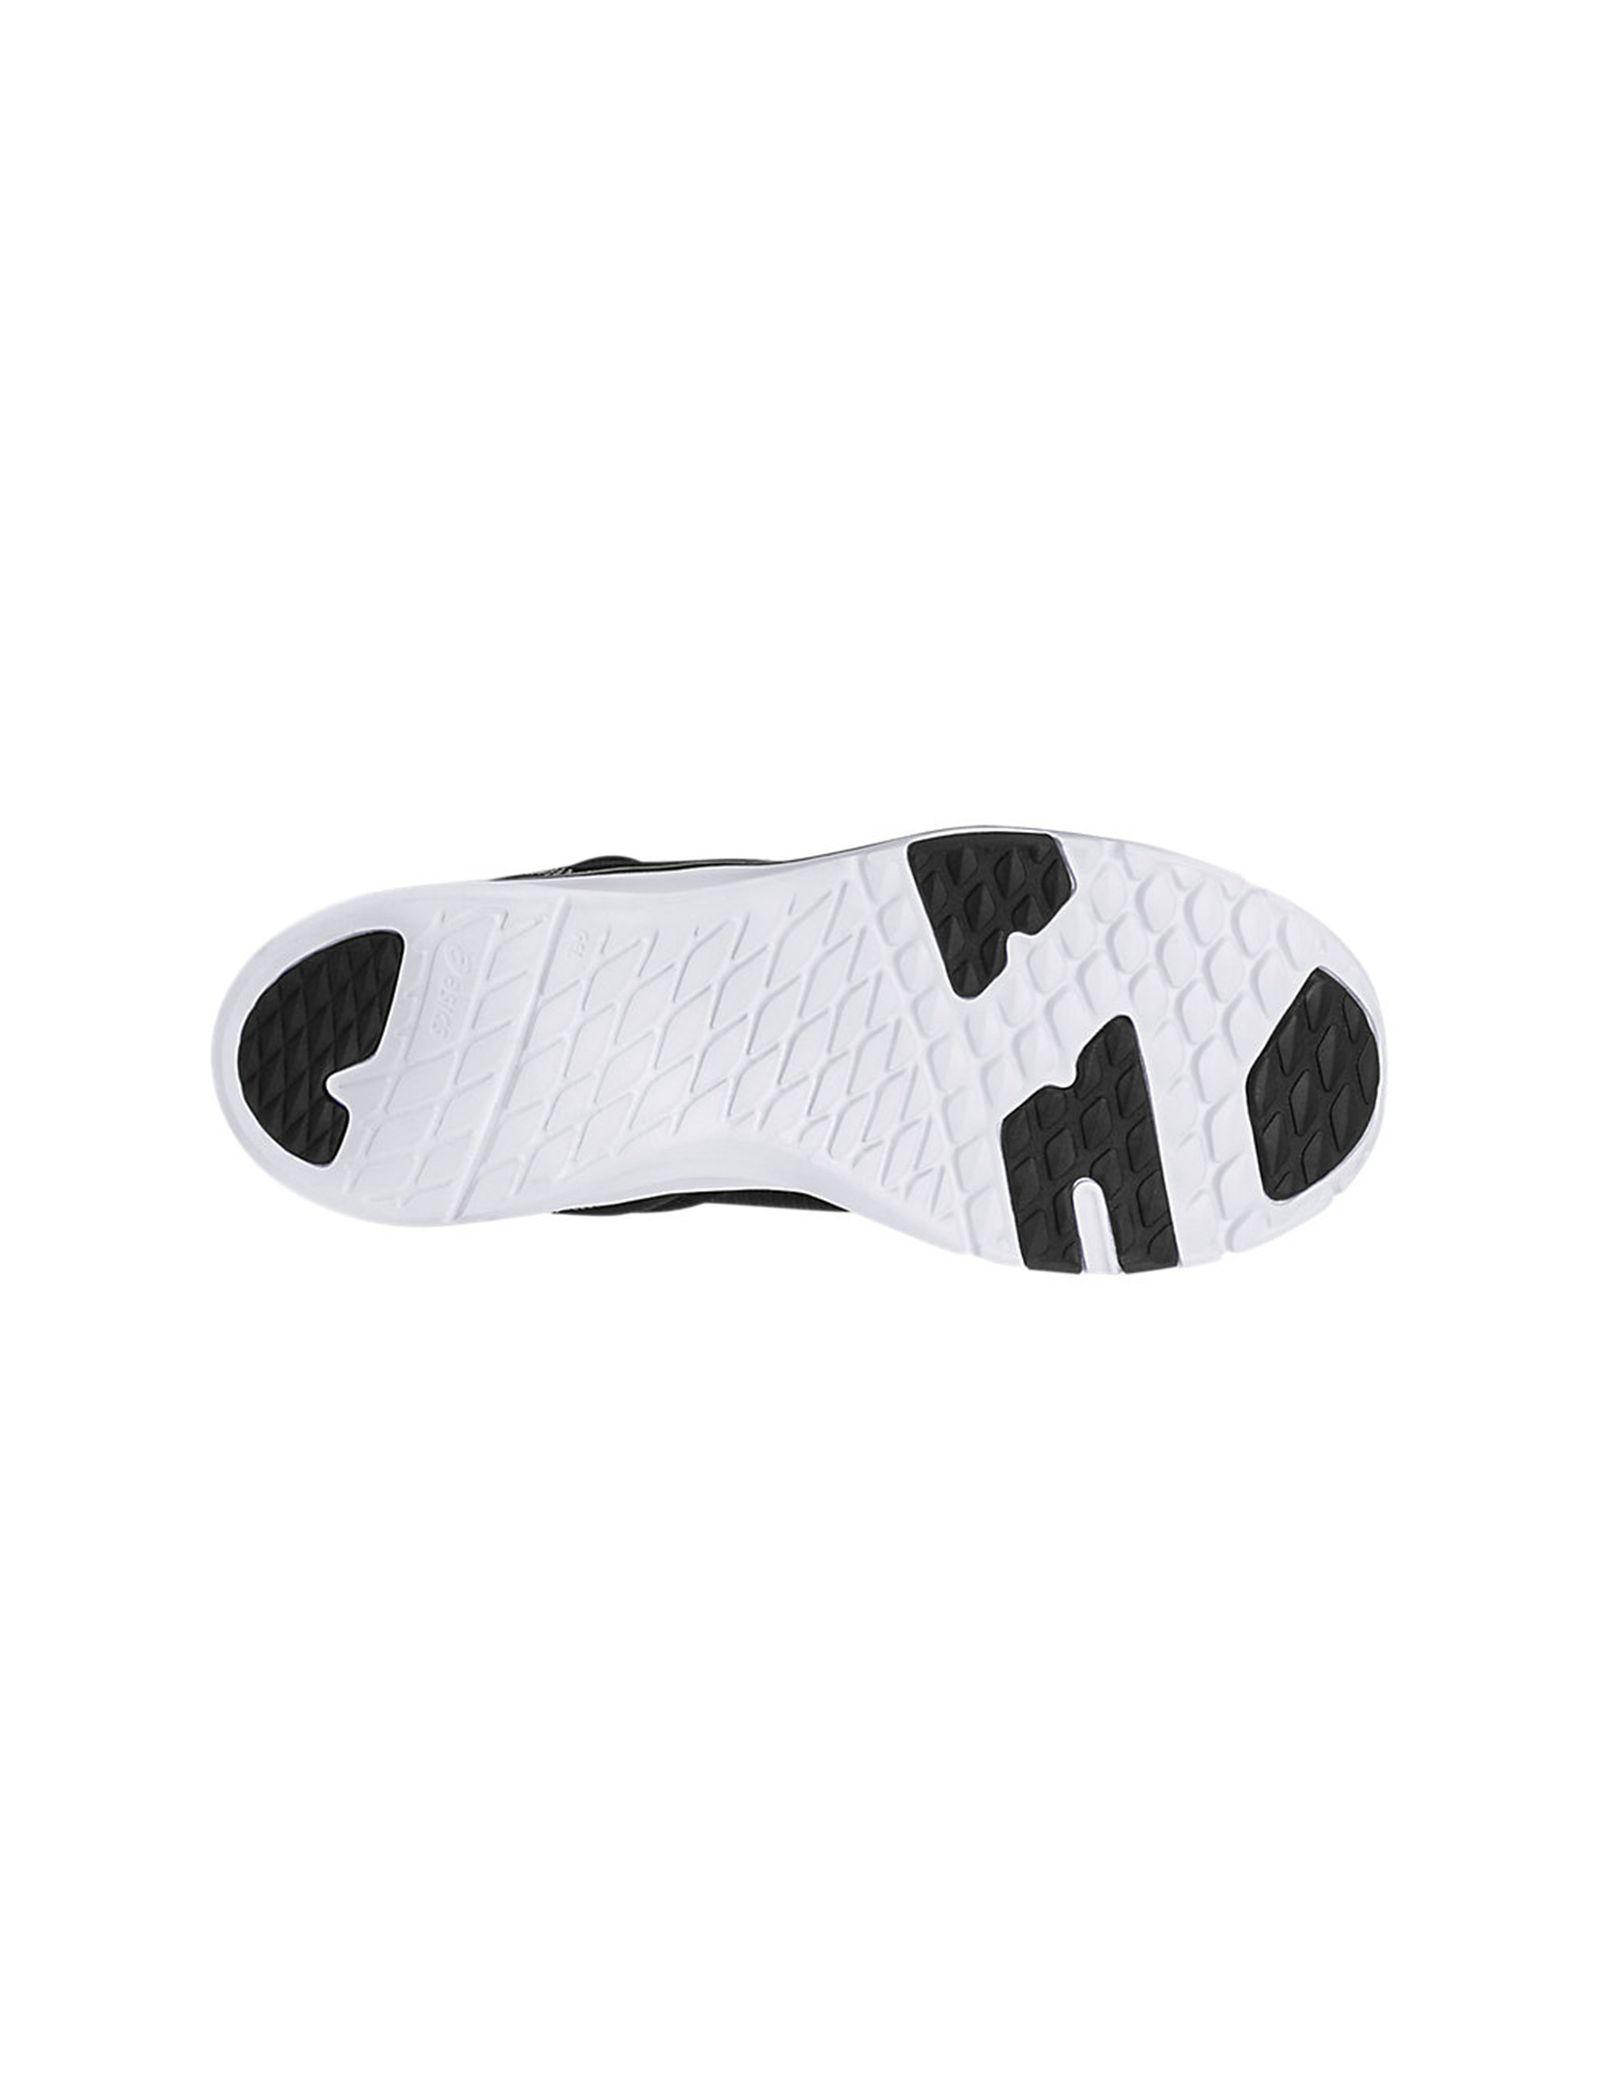 کفش تمرین بندی زنانه GEL-FIT SANA 3 - اسیکس - مشکي - 3